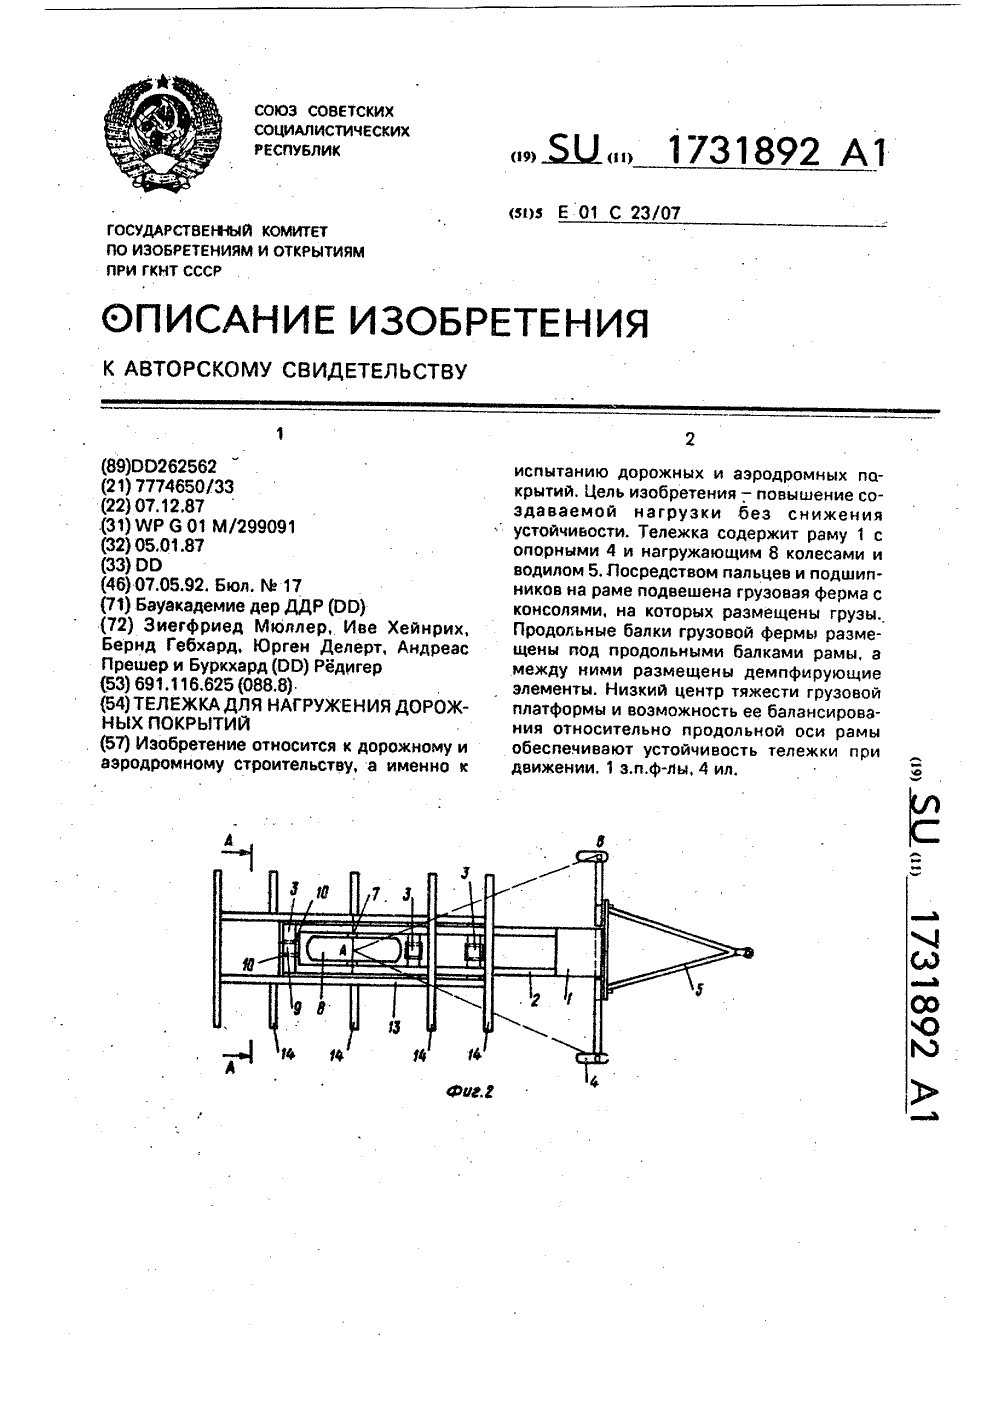 схема телеги для перевозки фляг